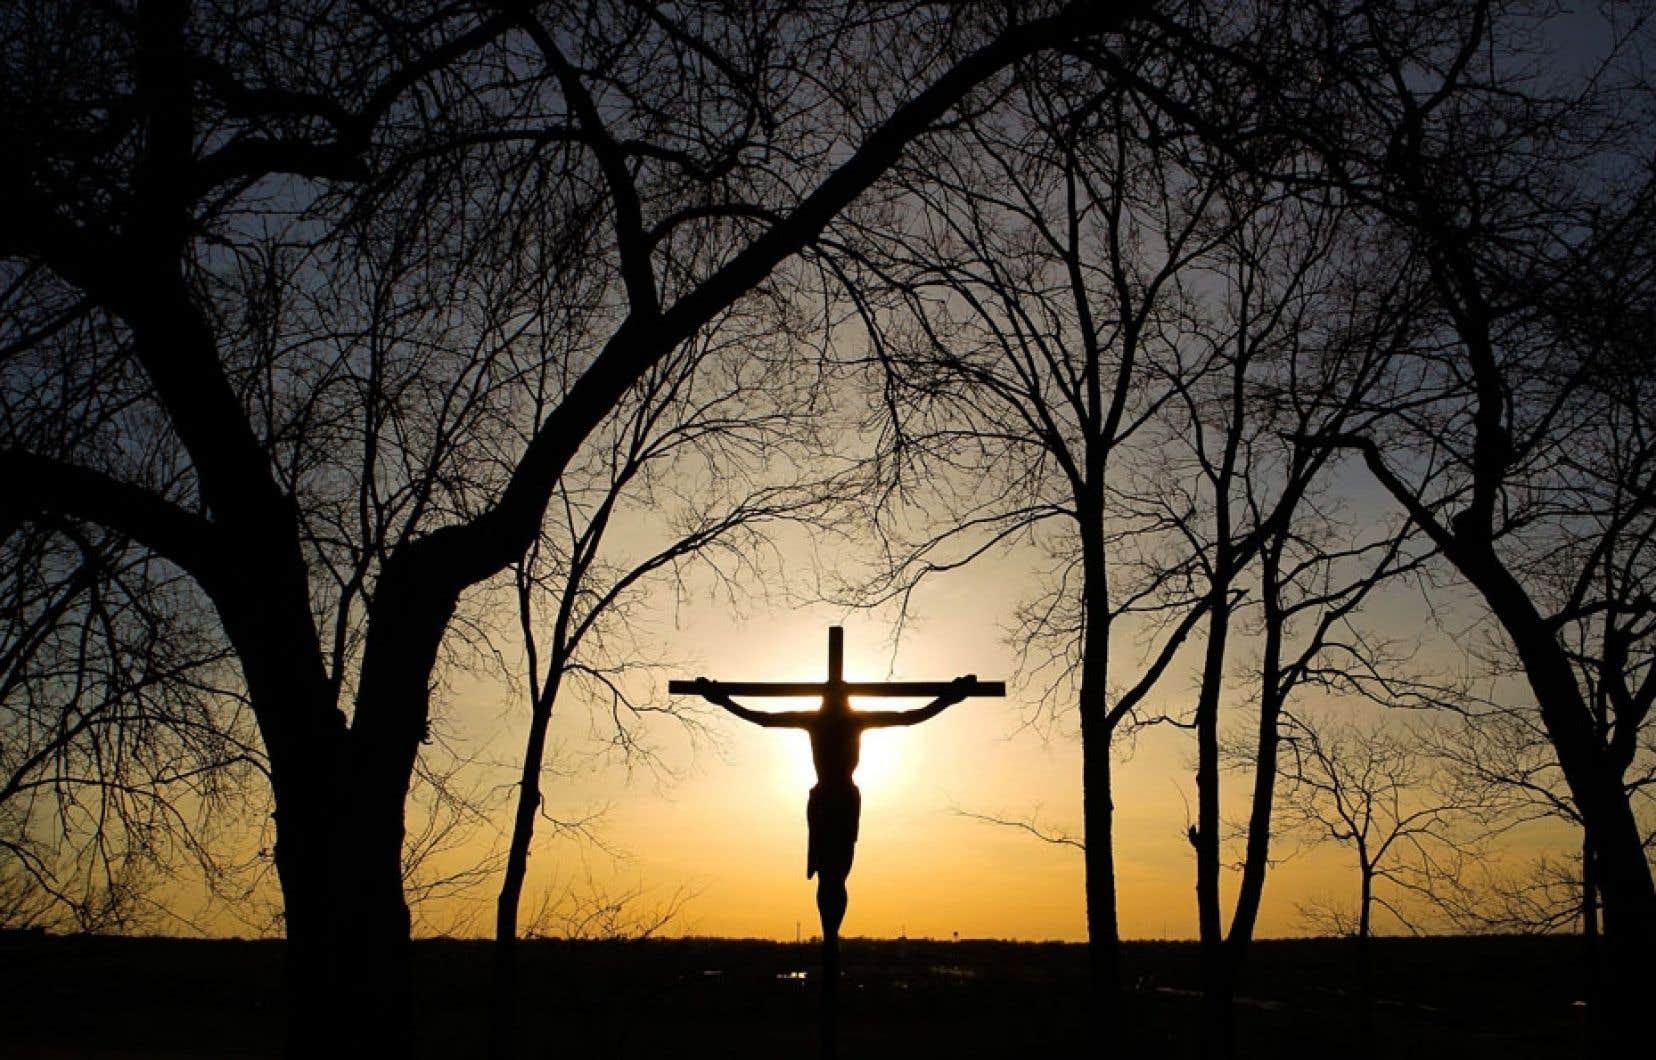 Les raisons ayant motivé la décision du juge Gagnon se fondent non pas tant sur une extension abusive du concept patrimonial, mais essentiellement sur la conception d'une laïcité ouverte à toutes les religions, catholicisme inclus.